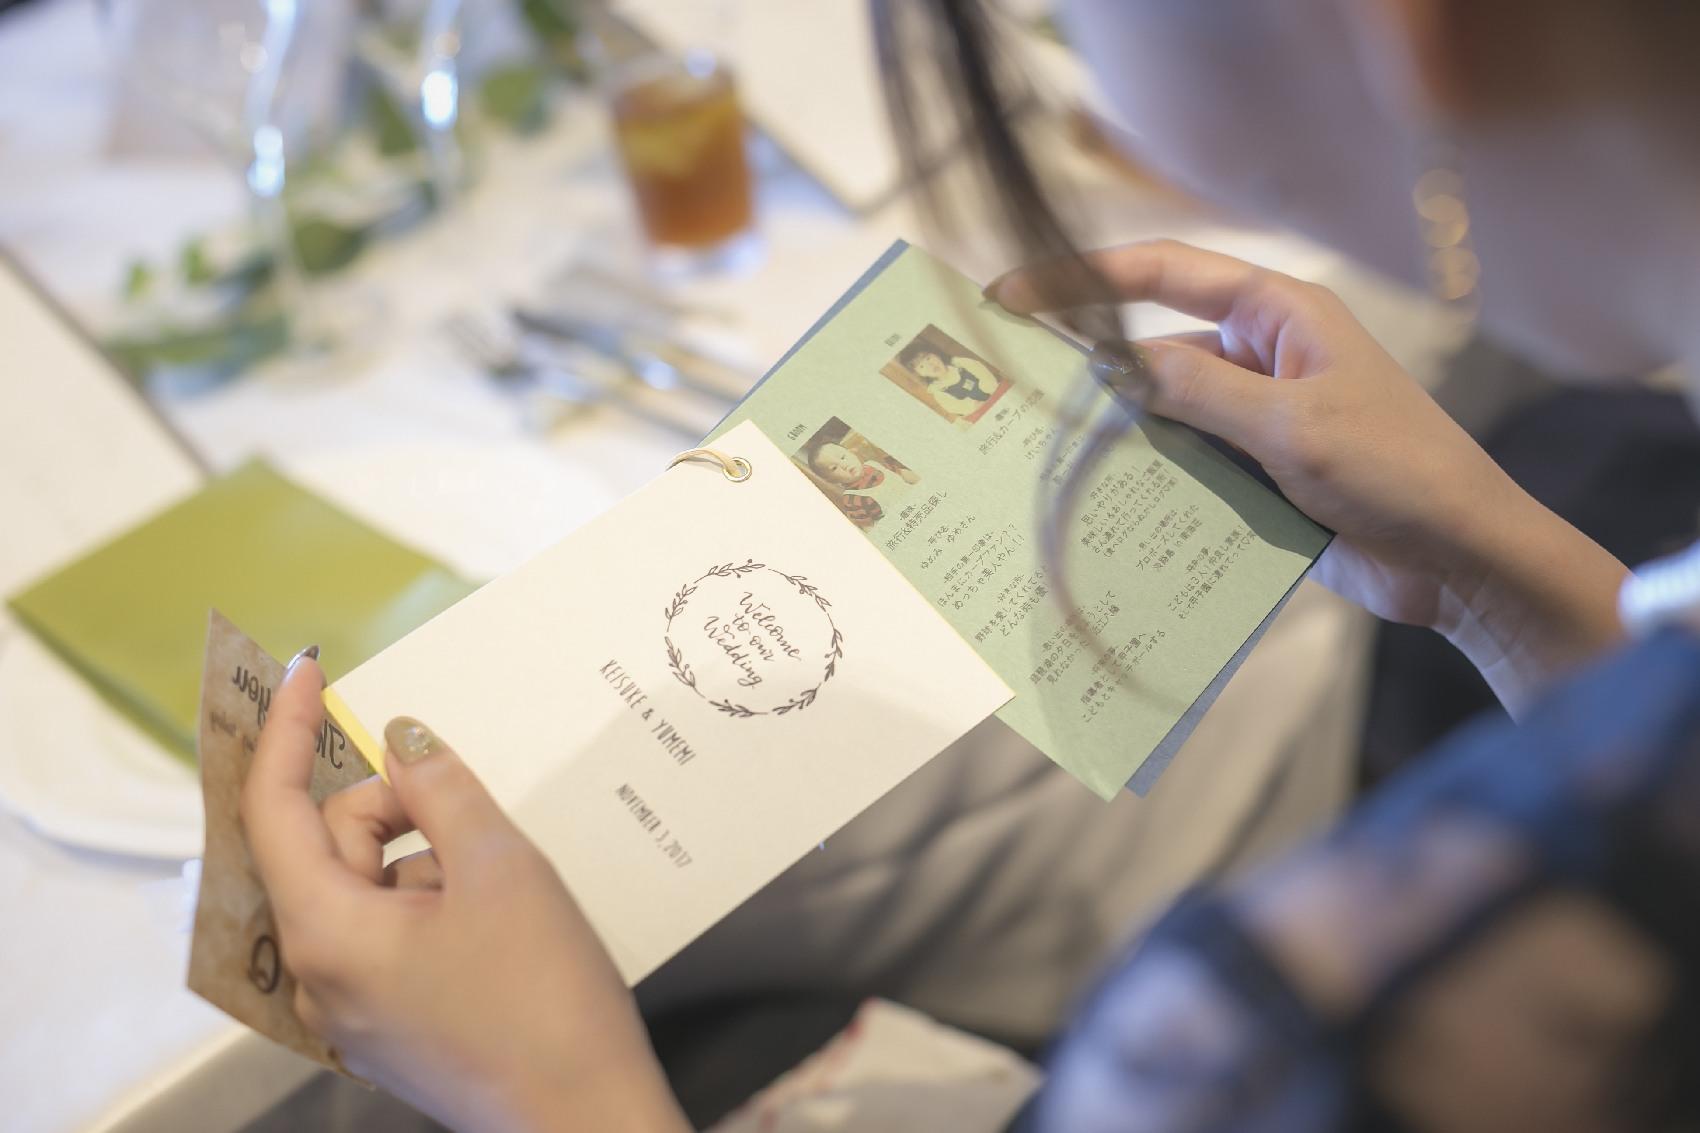 香川県高松市の結婚式場アナザースタイルのオリジナルの席札